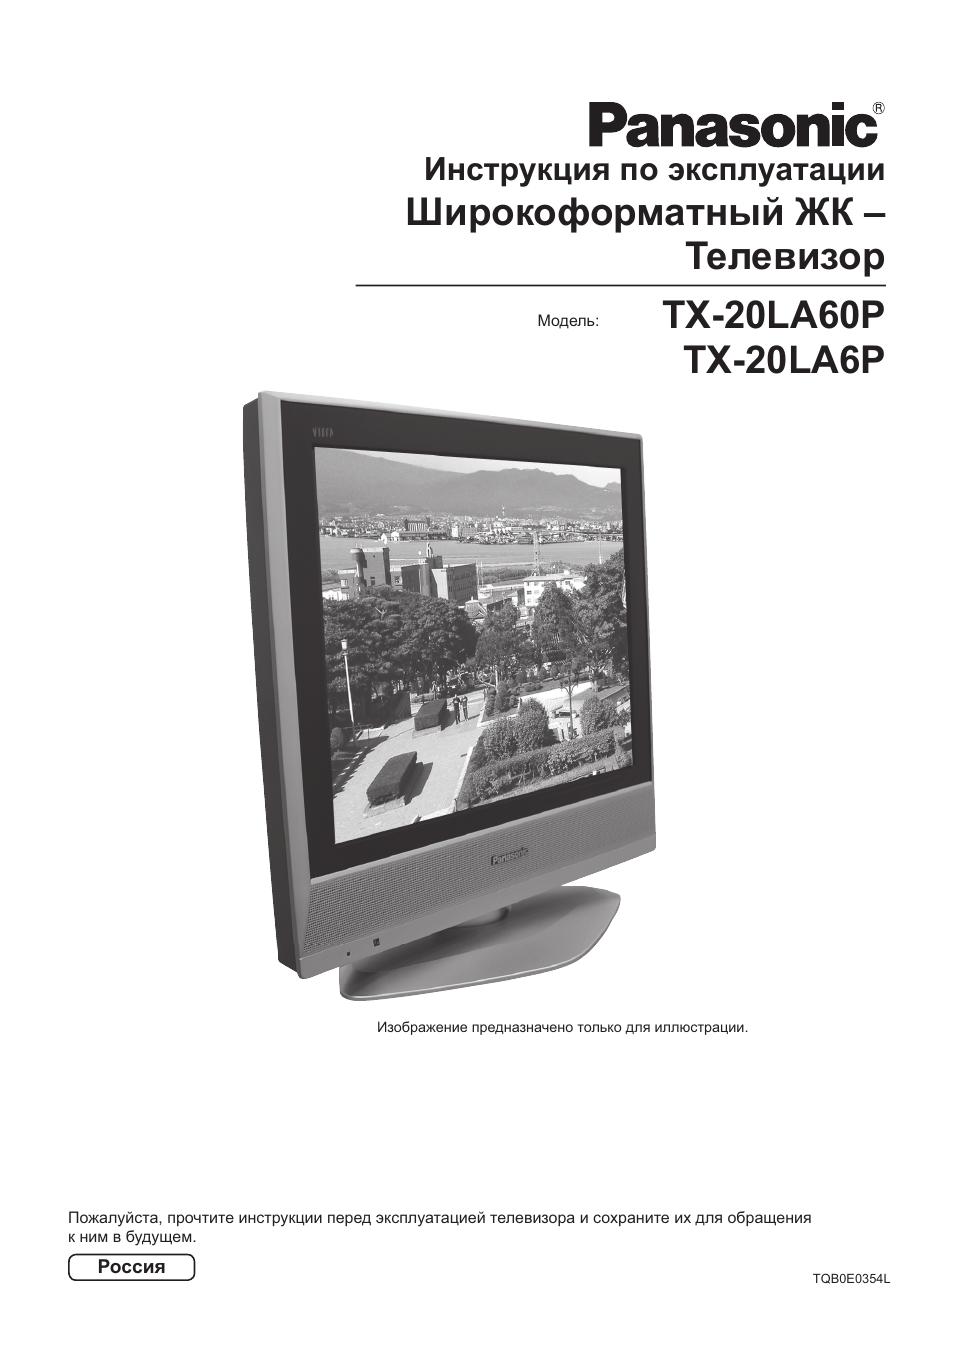 Скачать инструкцию panasonic tx 20la60p